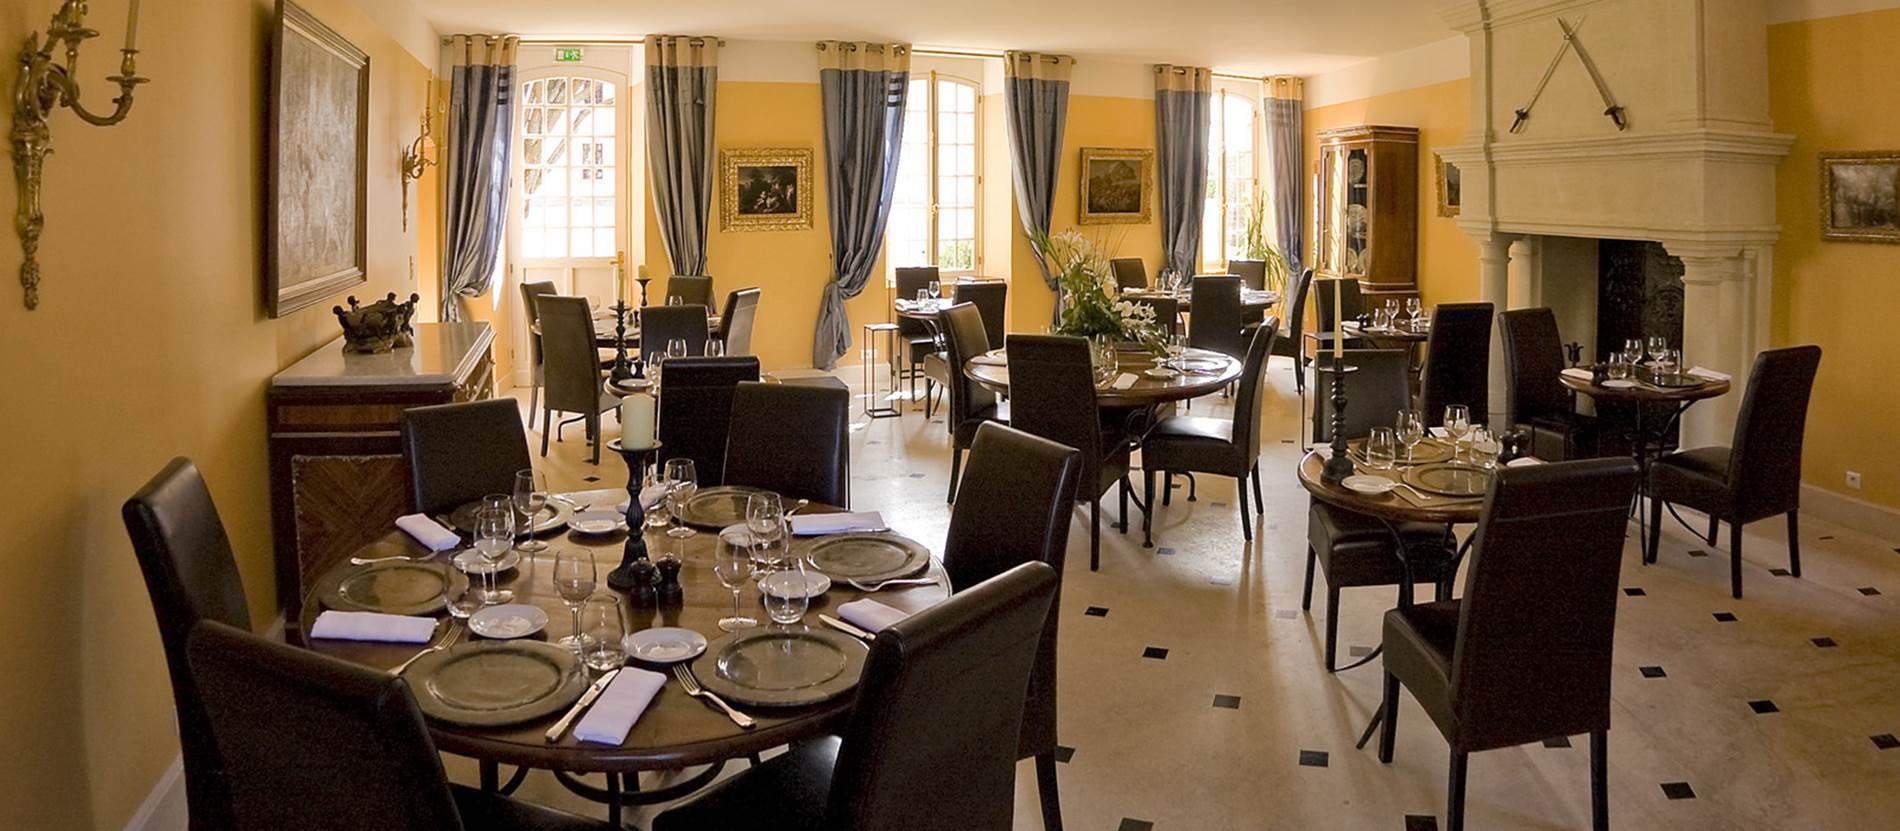 Hotel-Citadelle-Vauban-Belle ile-Morbihan-Bretagne-Sud © Hotel Citadelle Vauban